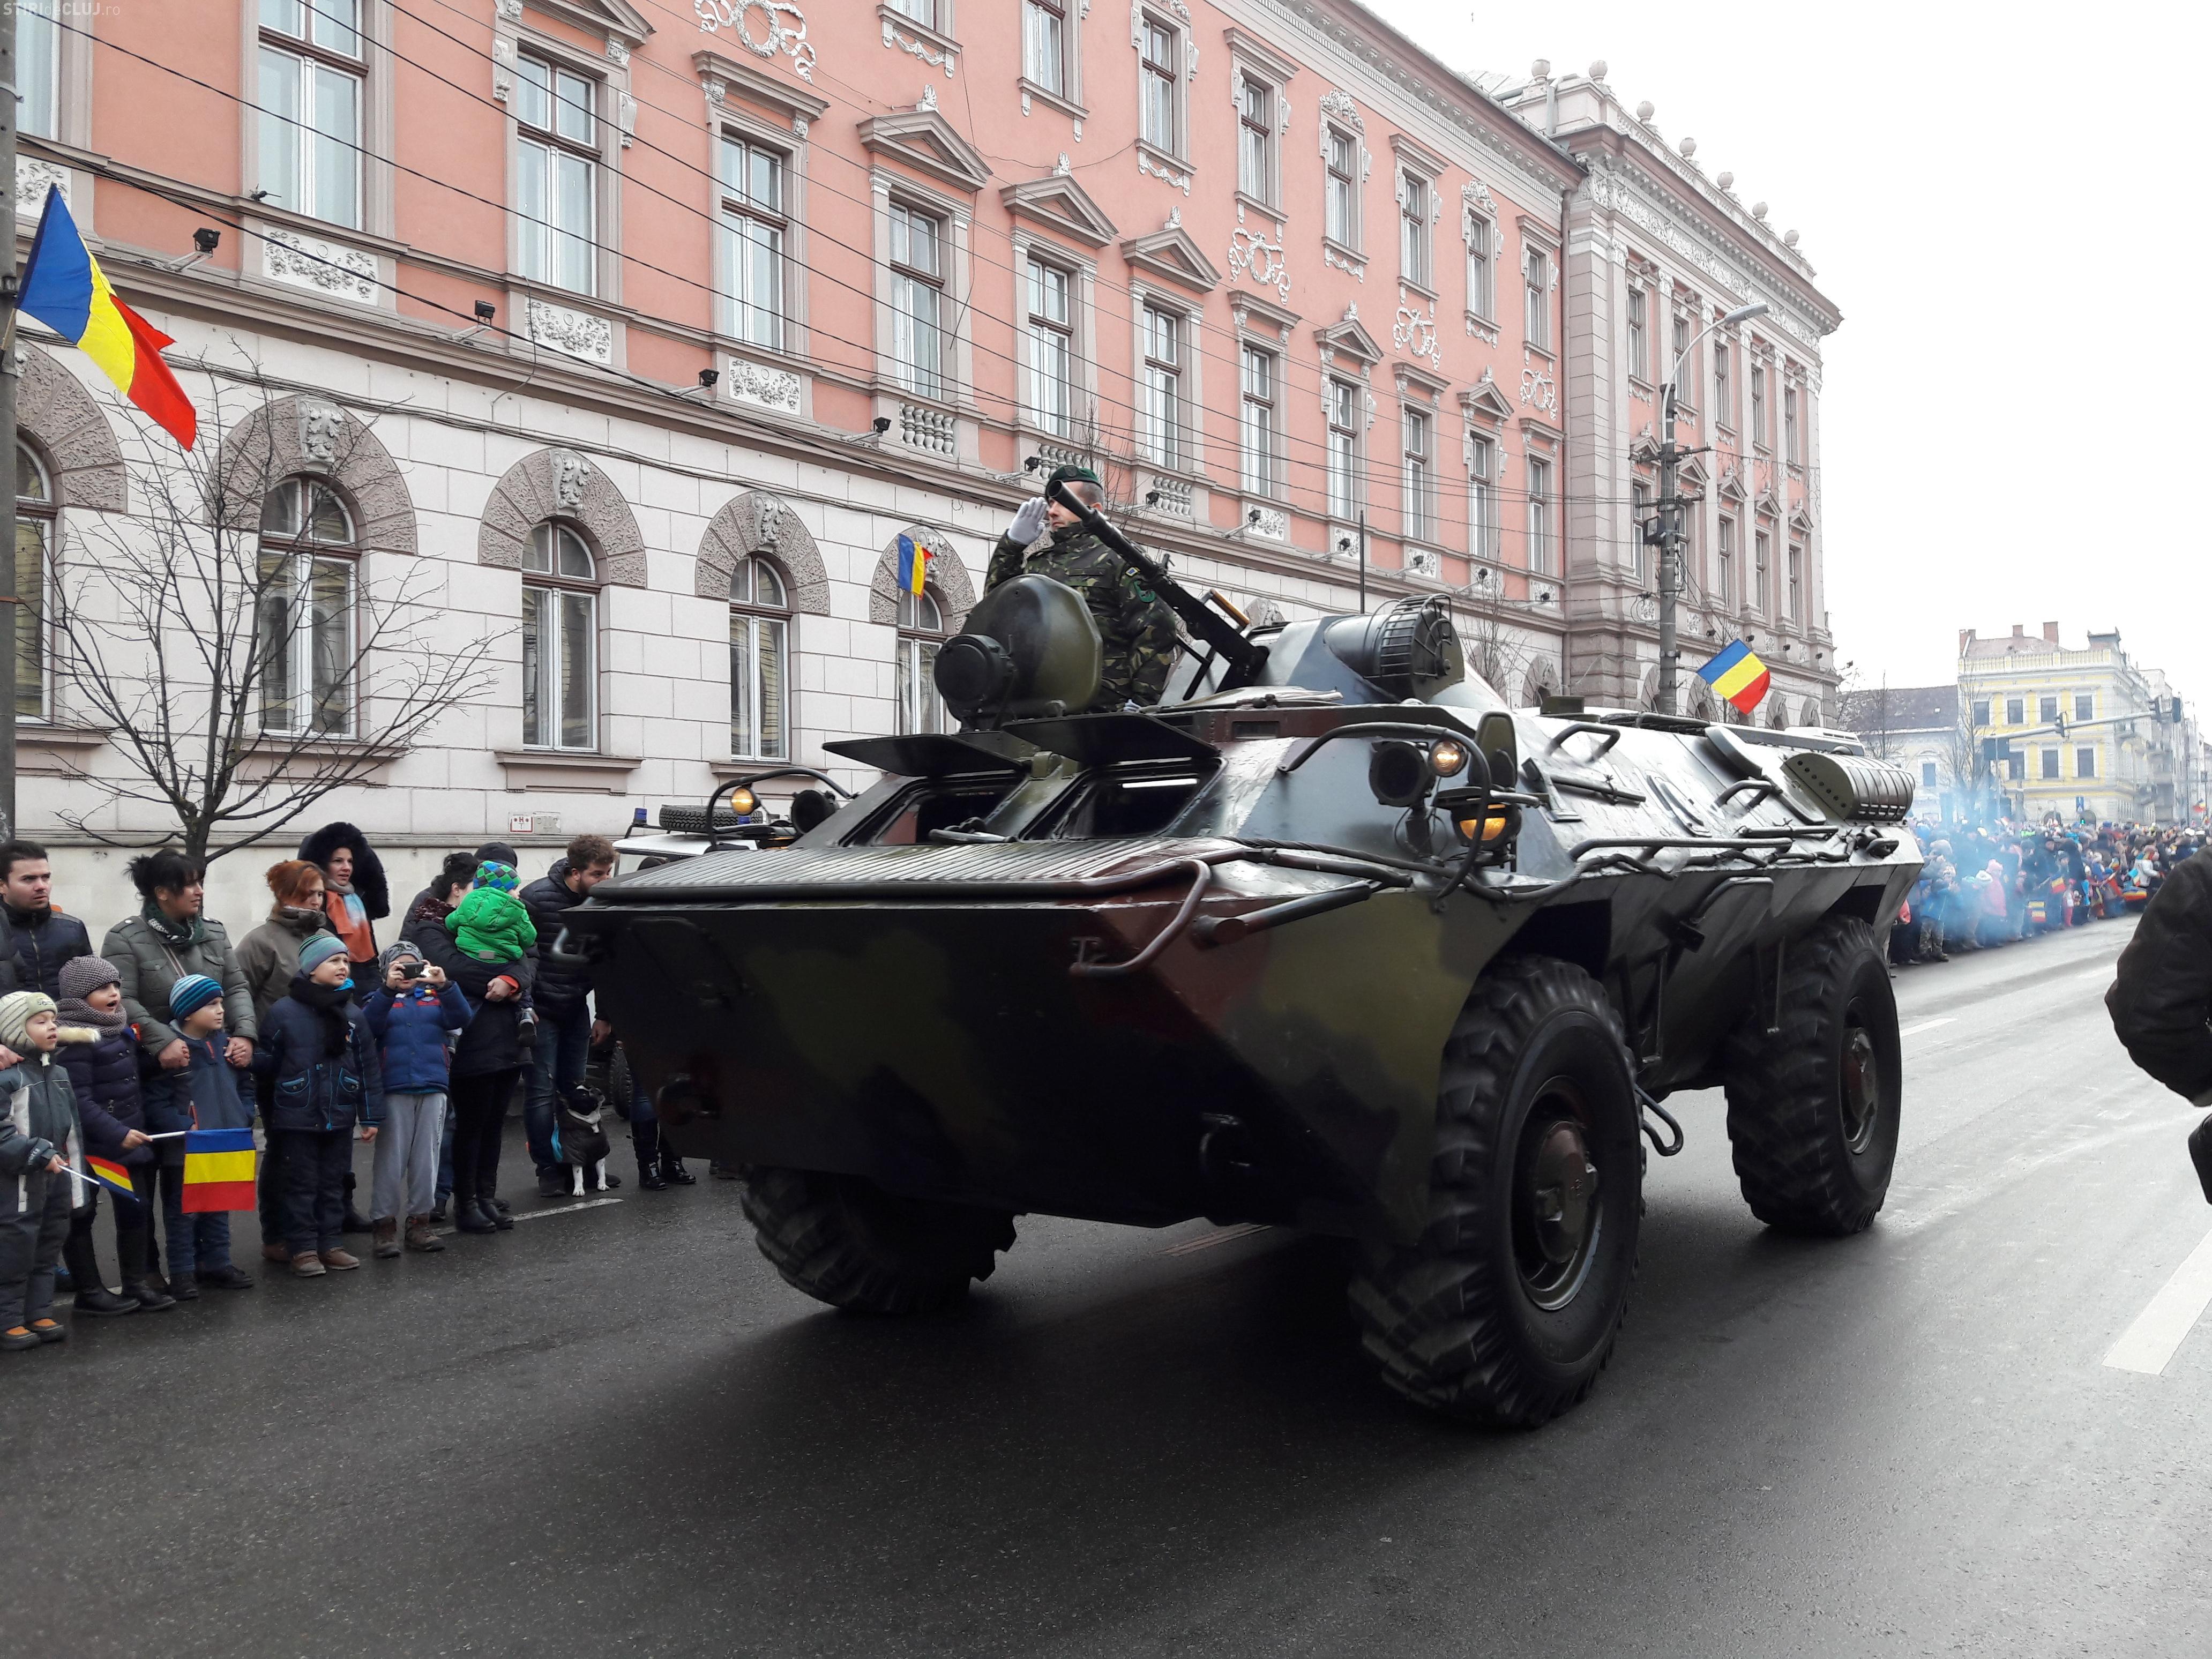 Mii de clujeni s-au strâns în centrul Clujului pentru a vedea parada militară GALERIE FOTO/VIDEO